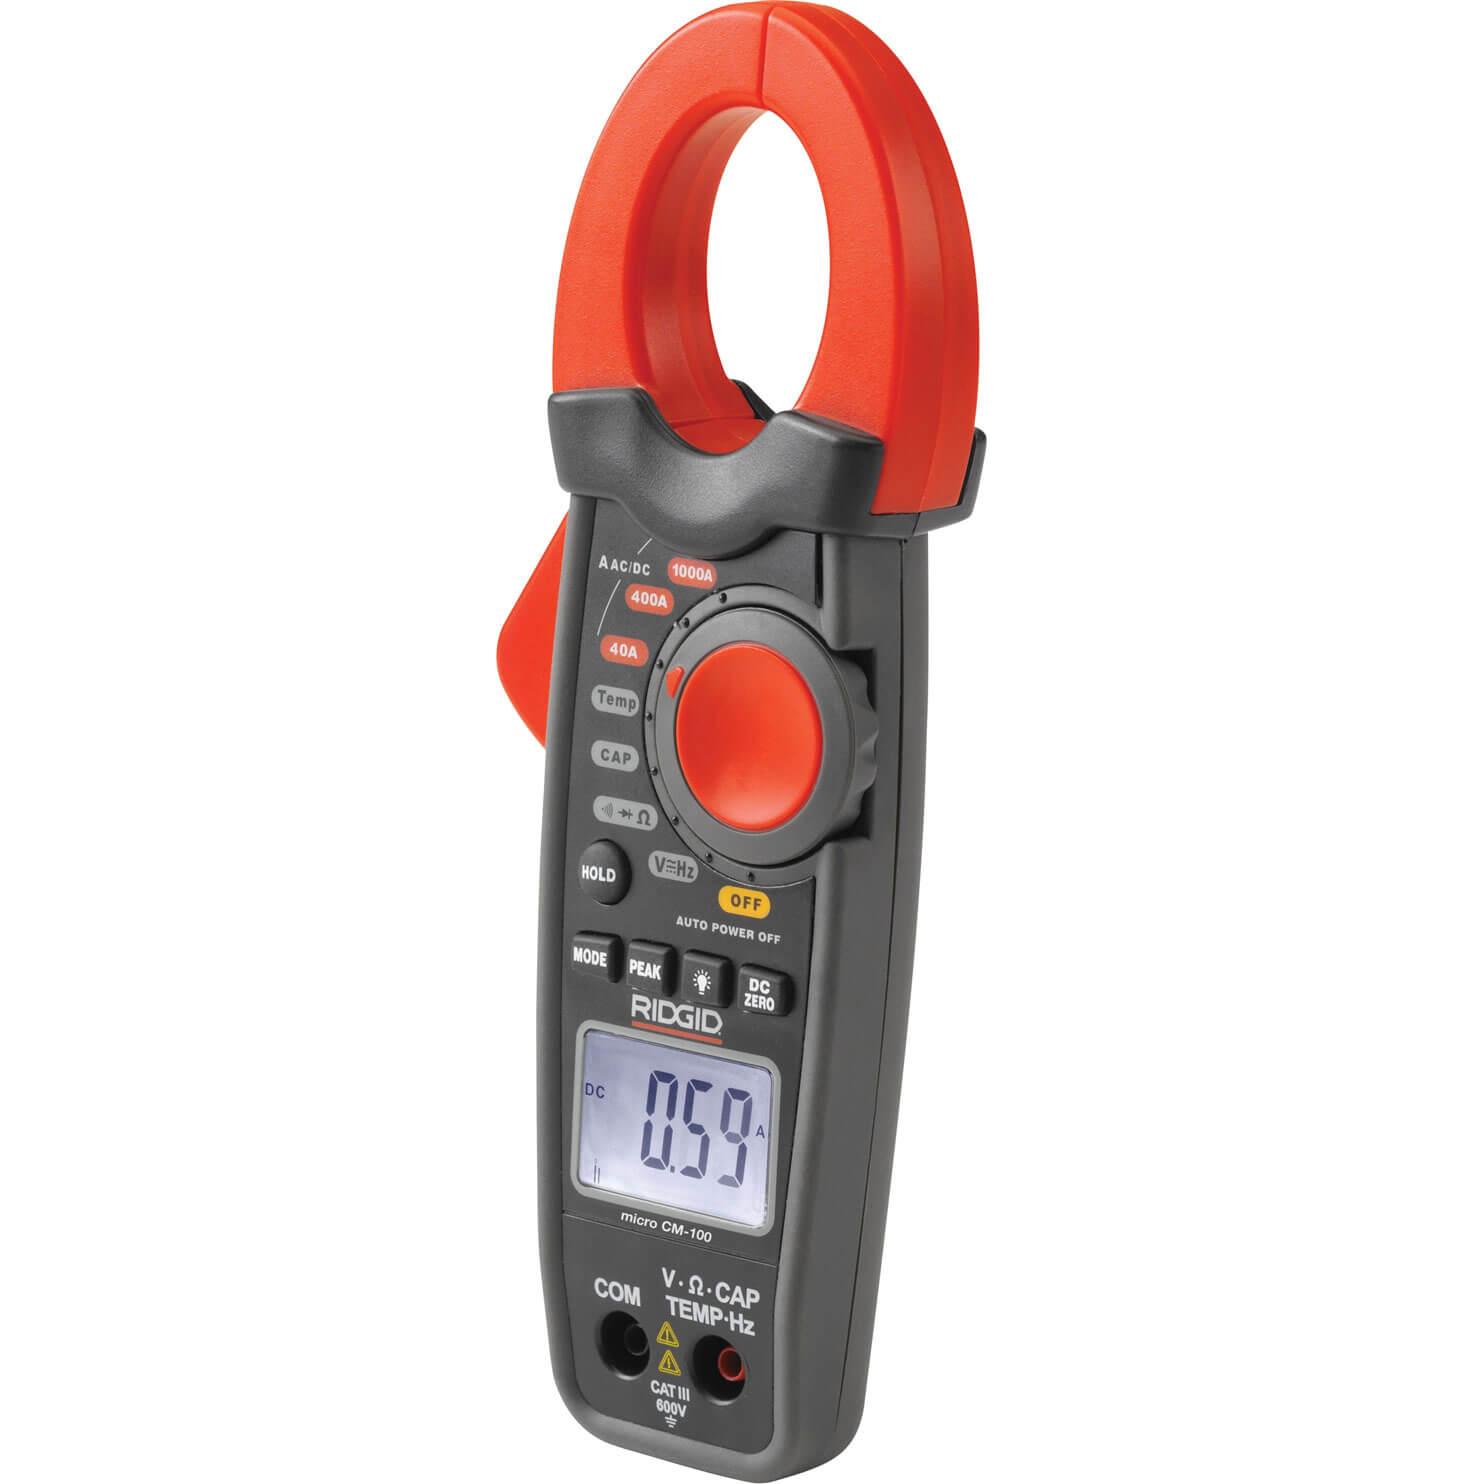 Ridgid CM 100 Micro Clamp Meter